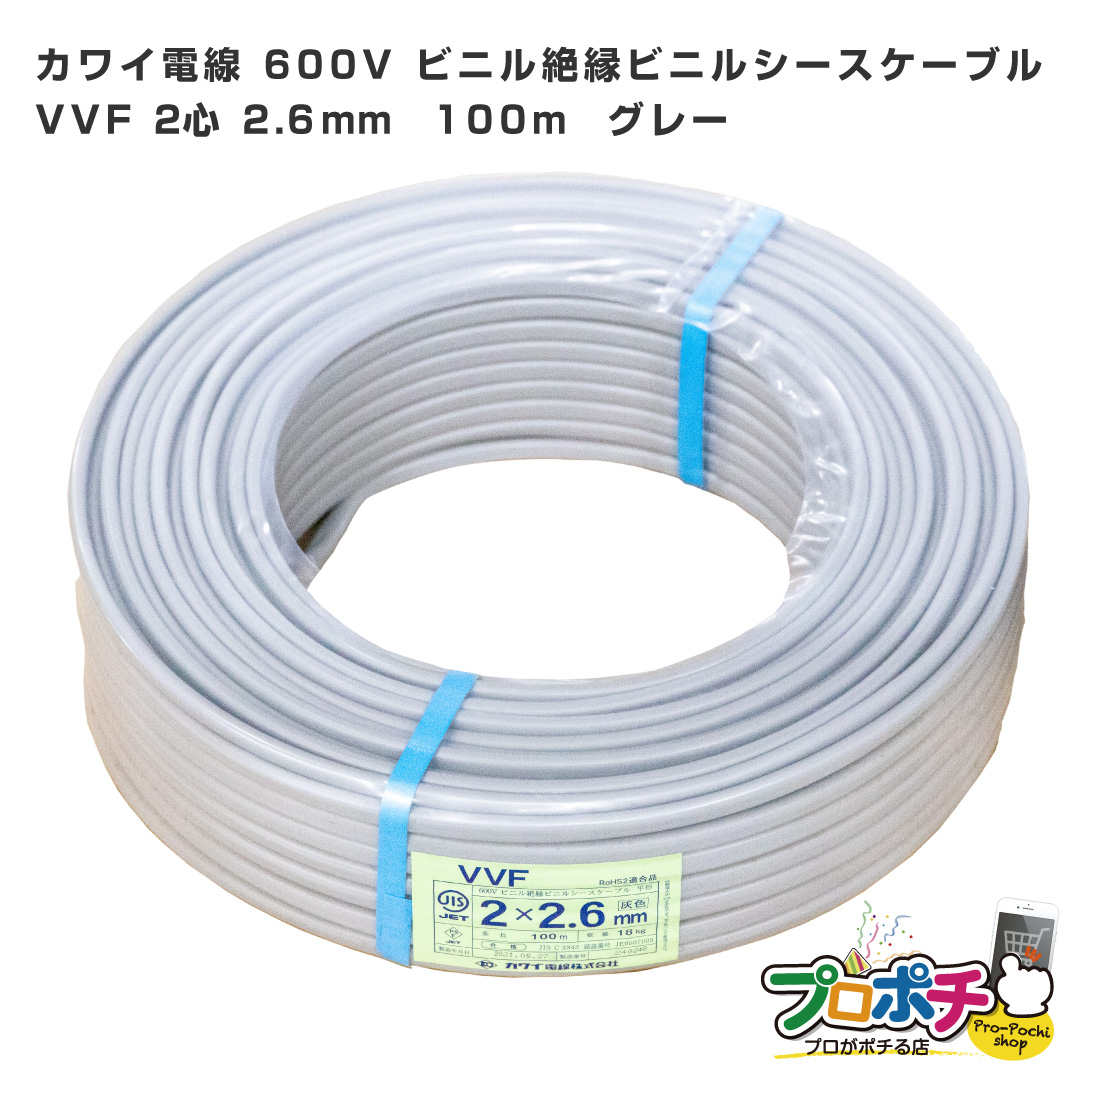 ビニル絶縁 ビニルシースケーブル平形 法人様限定 カワイ電線 600V ビニル絶縁 ビニルシースケーブル平形 VVF 2心 2.6mm 灰色 100m VVF 2C×2.6mm グレー